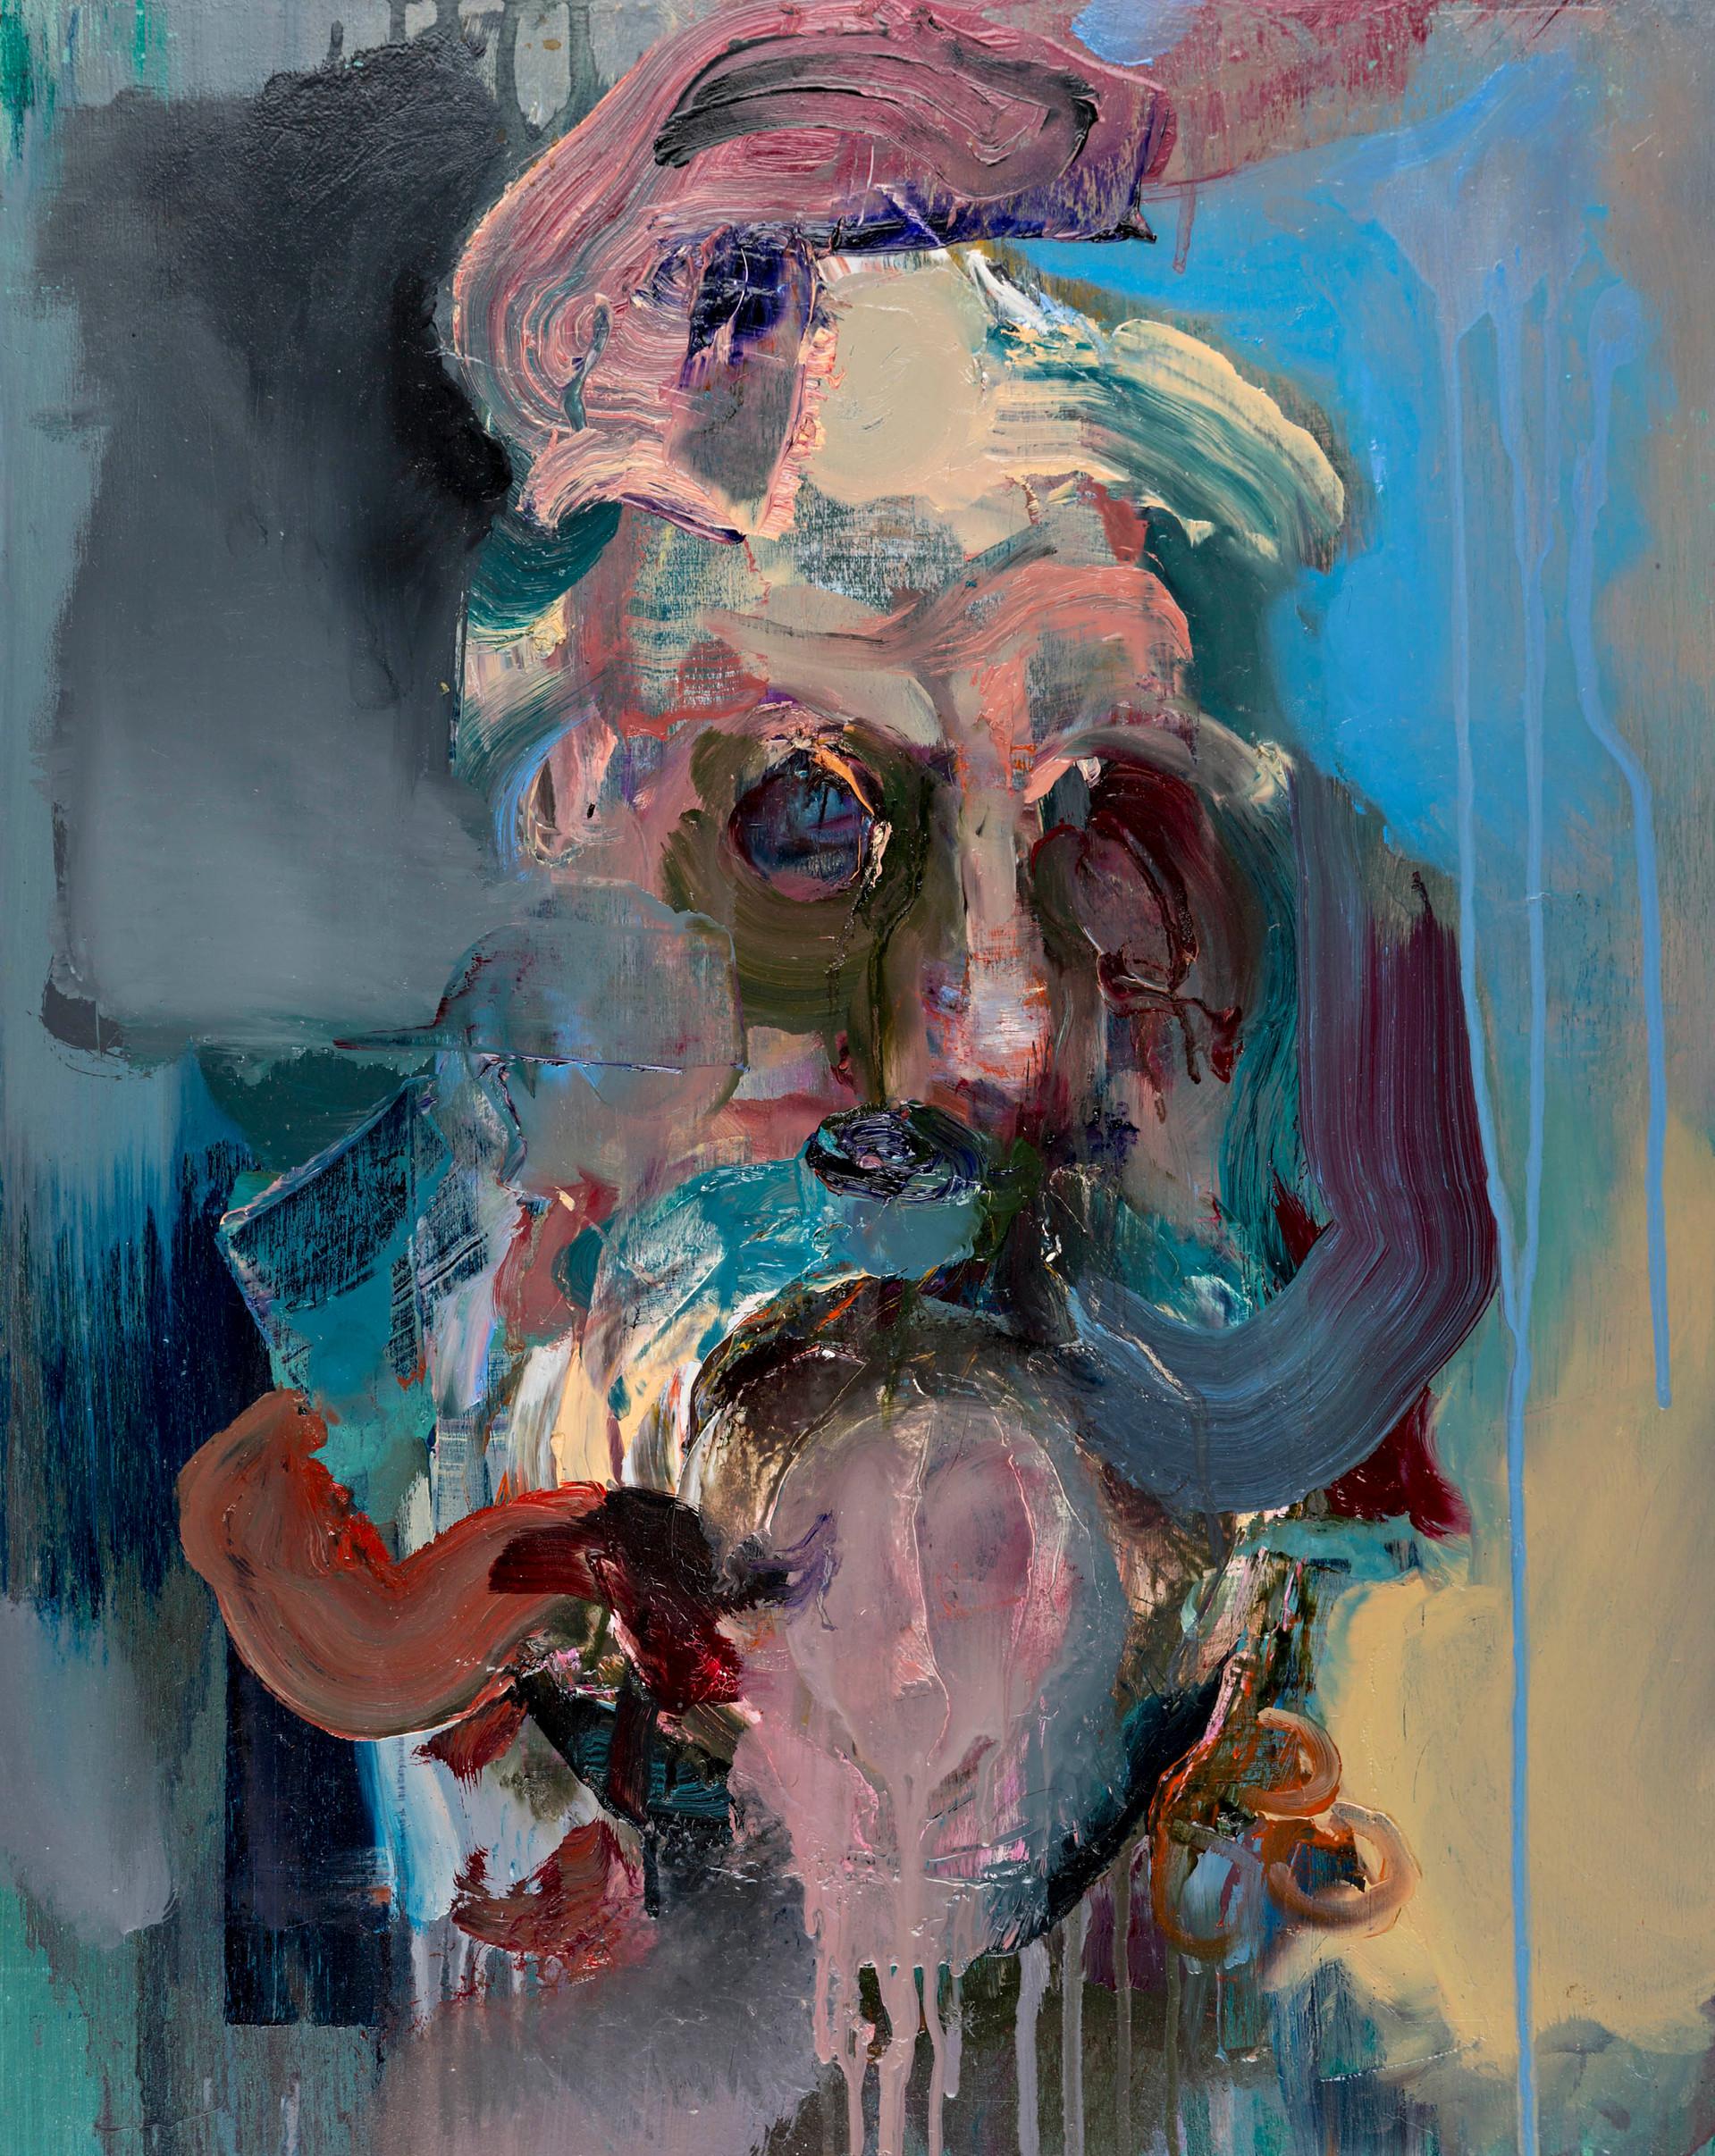 Robur, 50 x 40 cm, oil on wood, 2016